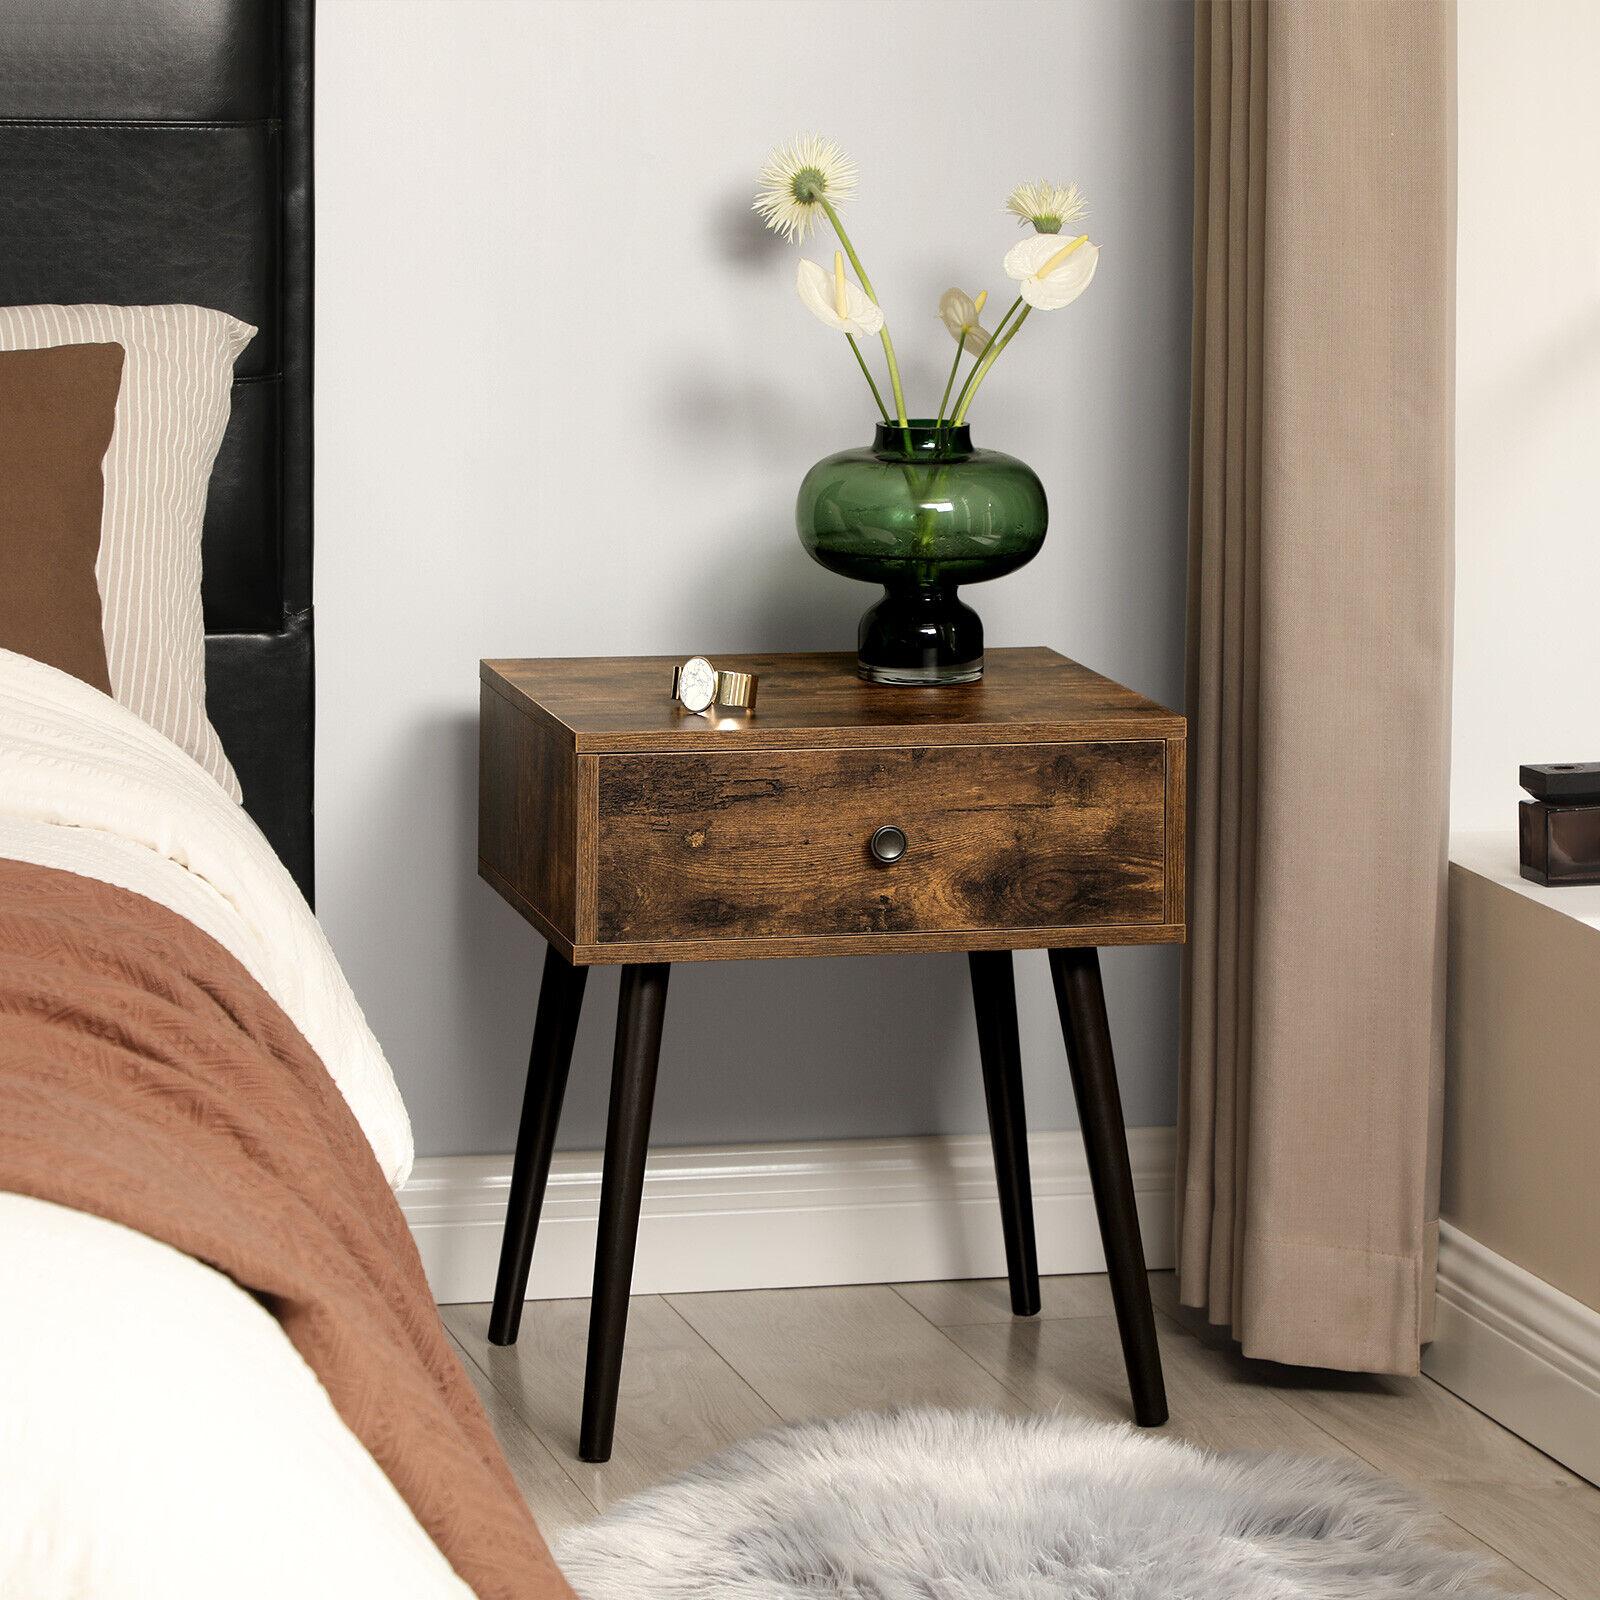 Nachttisch  mit Schublade Beistelltisch Nachtschrank mit Beine Retro LET176B01